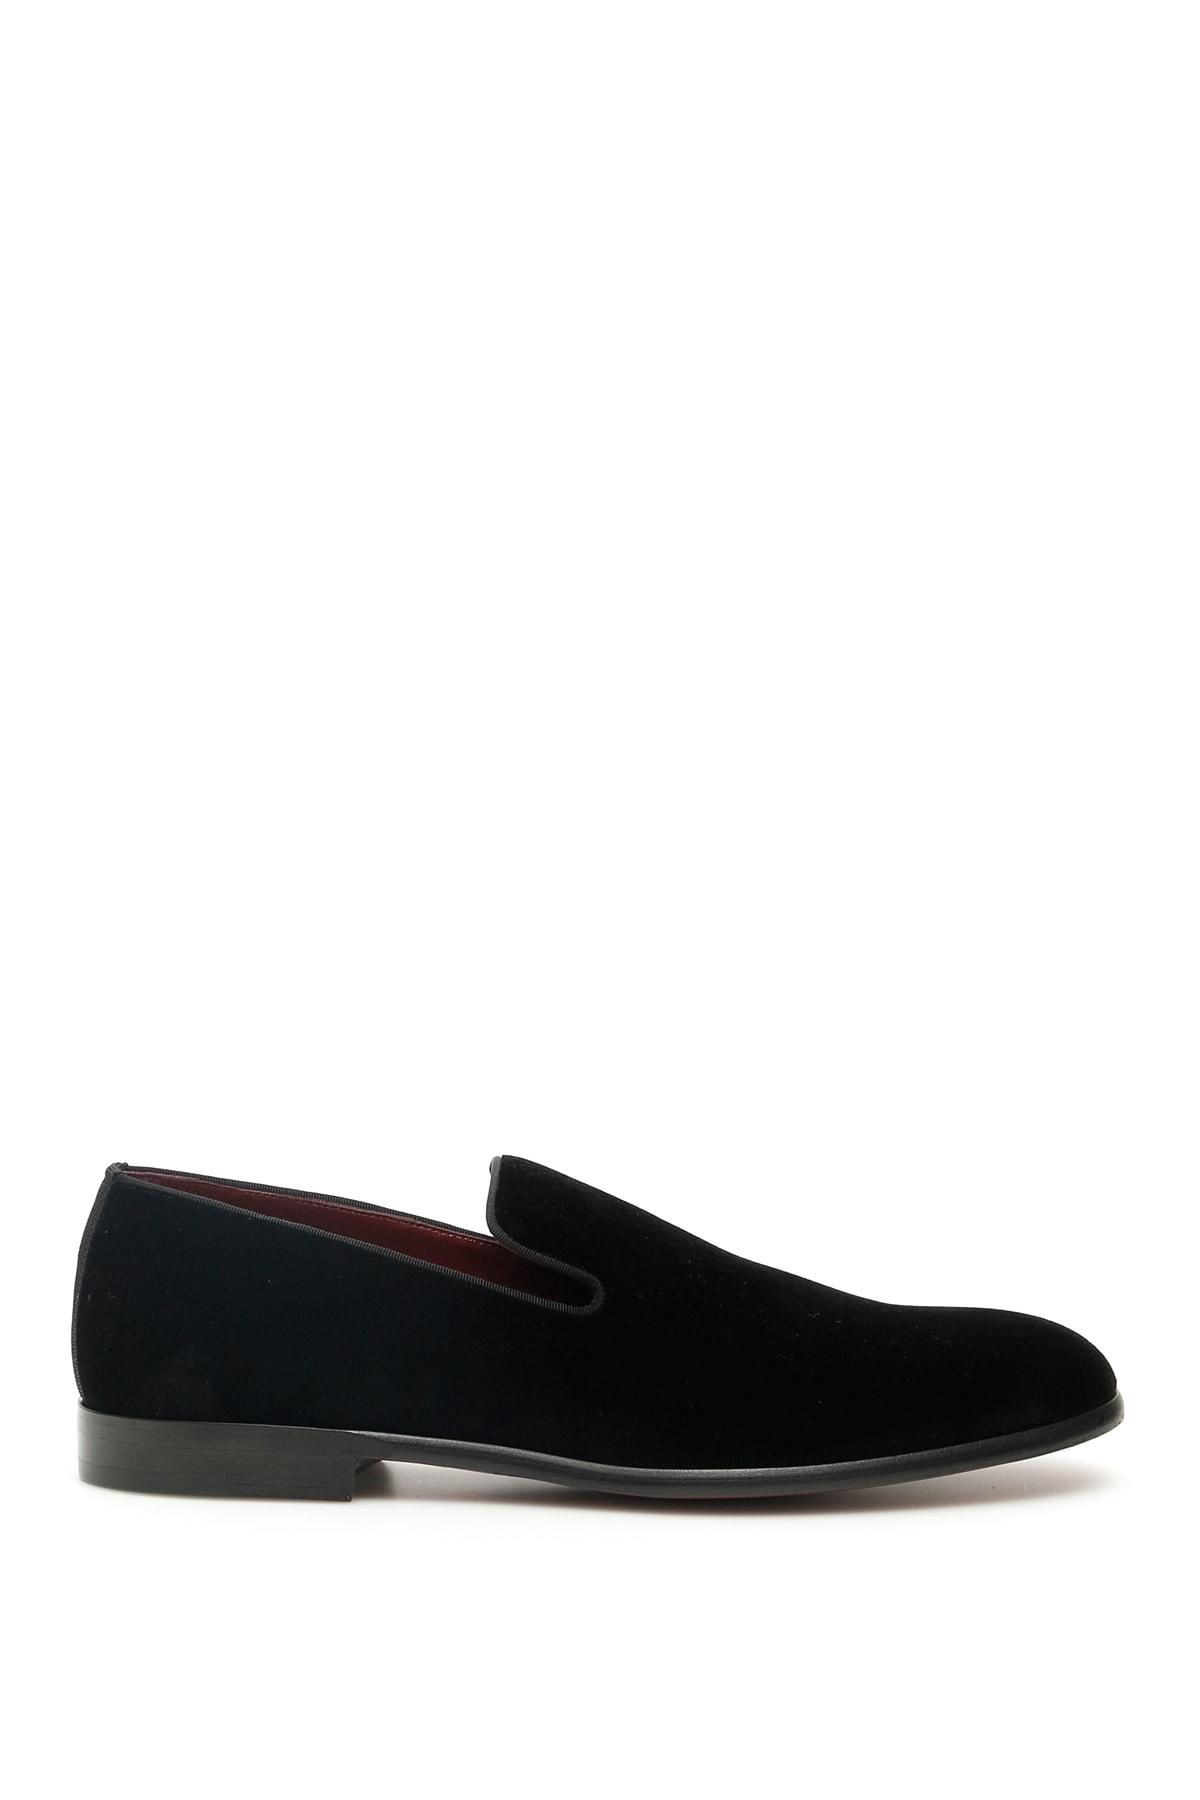 Dolce & Gabbana Milano Velvet Loafers